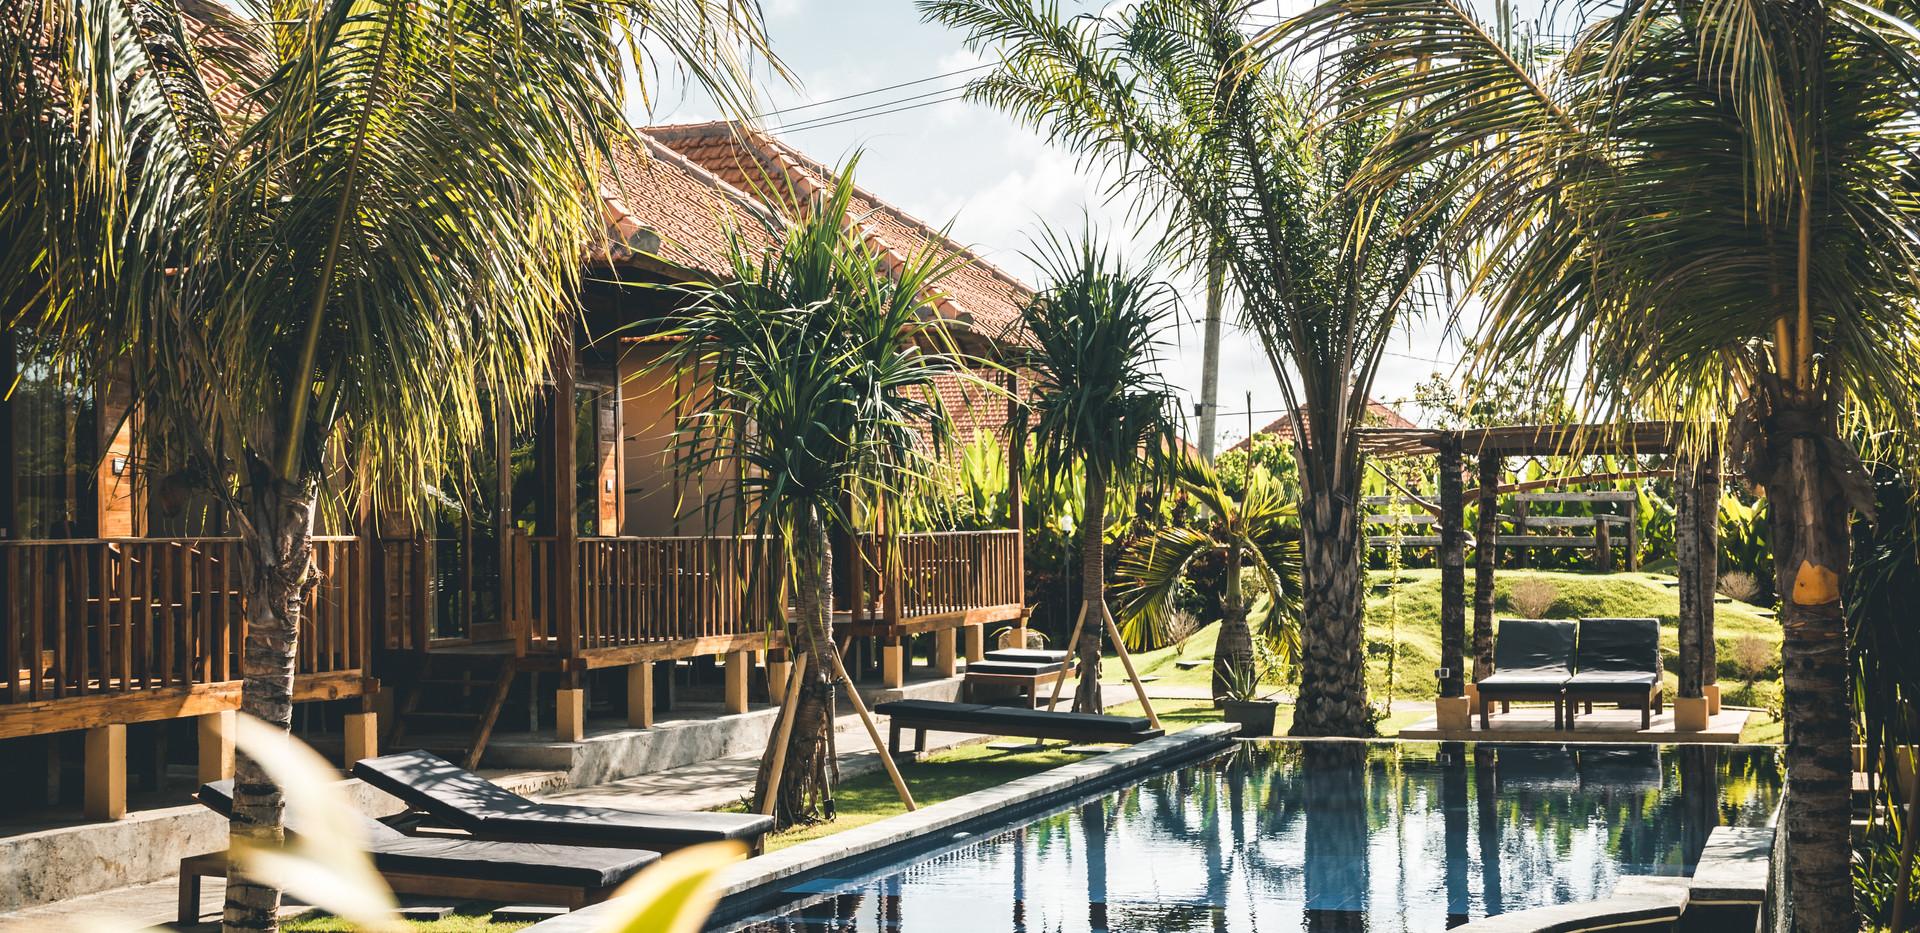 Indo_Bali_Ocho_181118-19.jpg